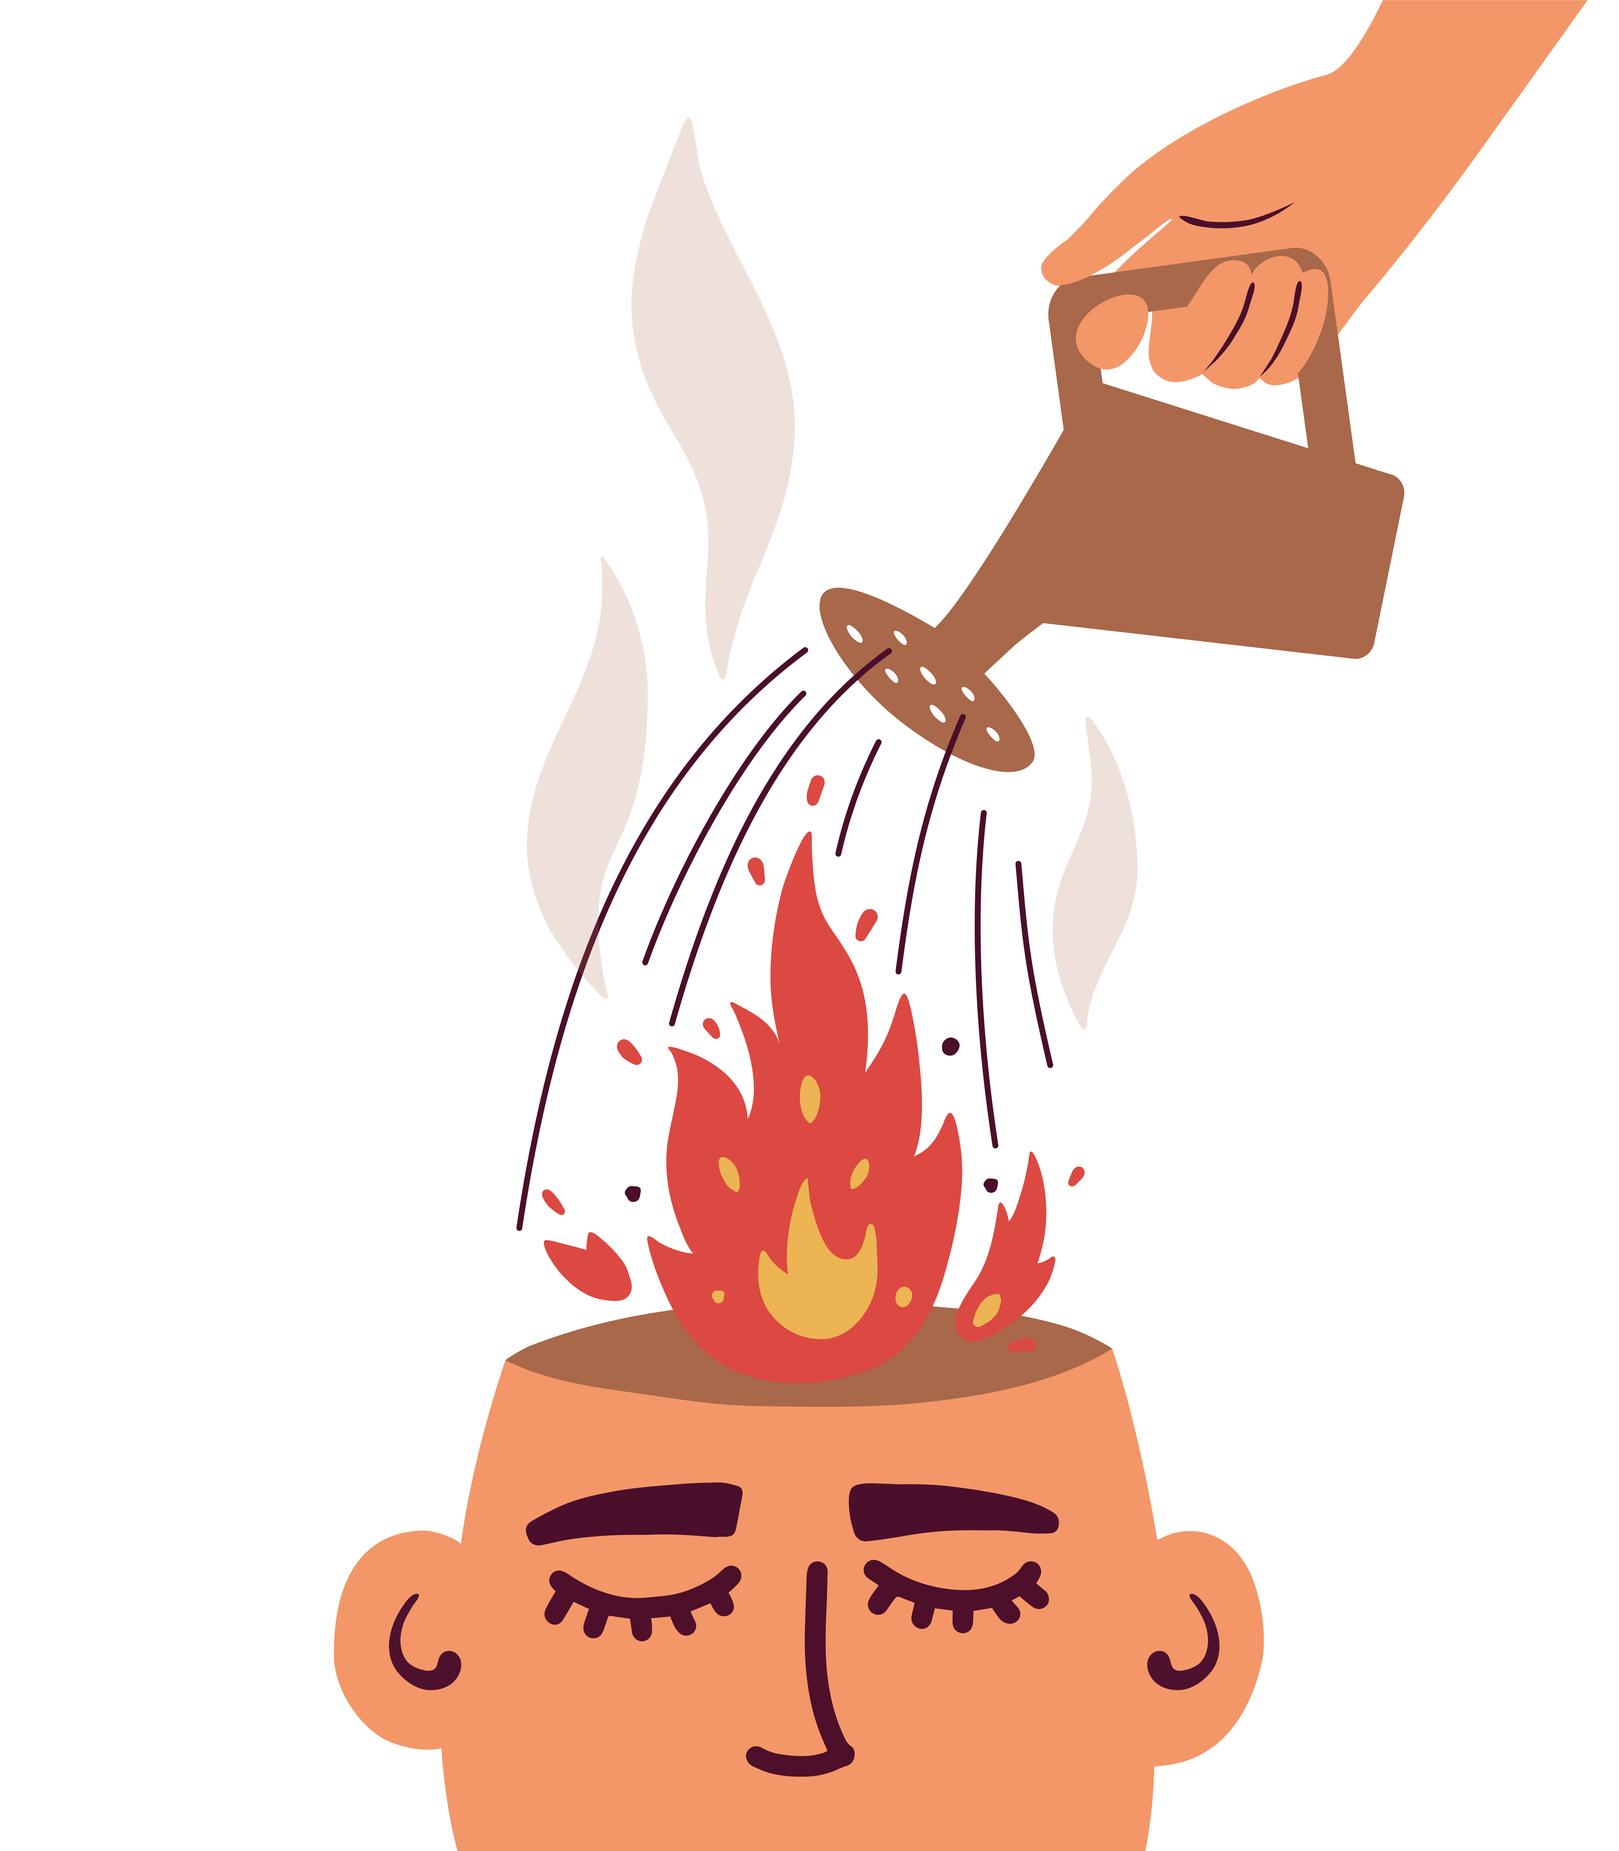 Psychische Gesundheit am Arbeitsplatz - Burnout